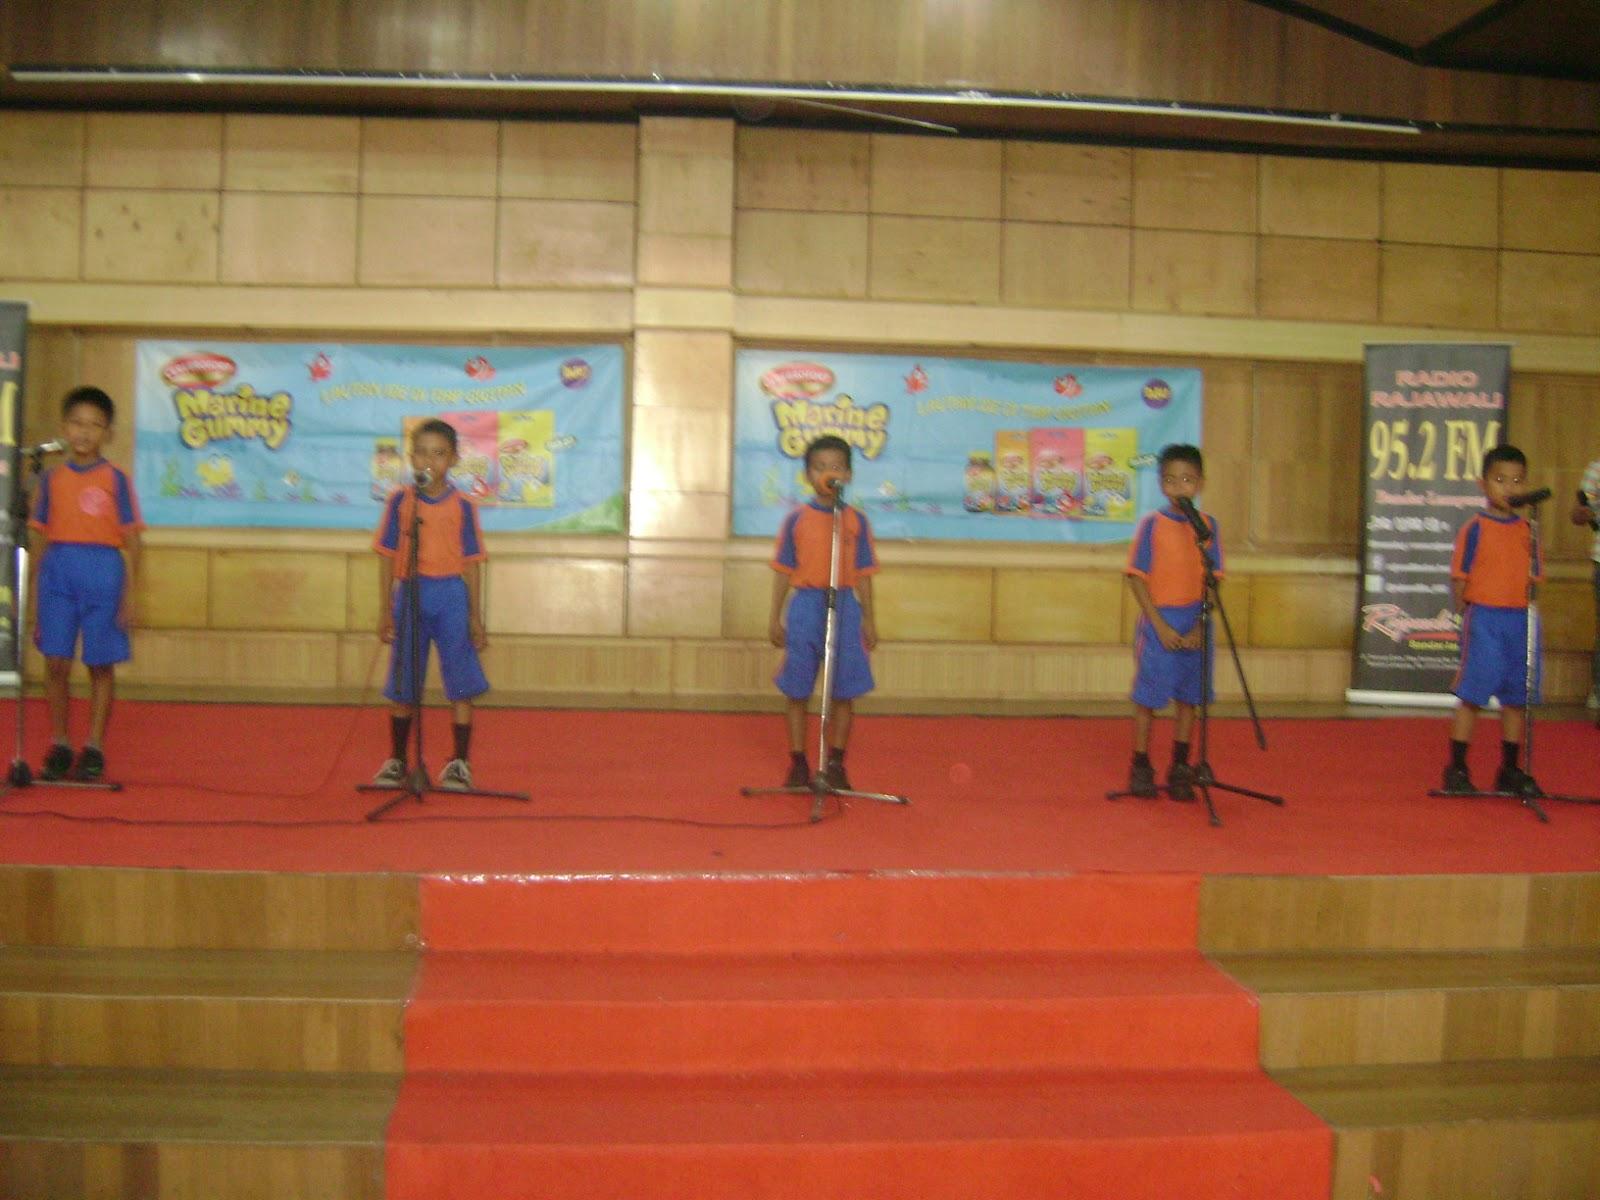 June 2015 Radio Rajawali 952 Fm Lampung Anoral Anliq Mengobati Wasir Parah Read More